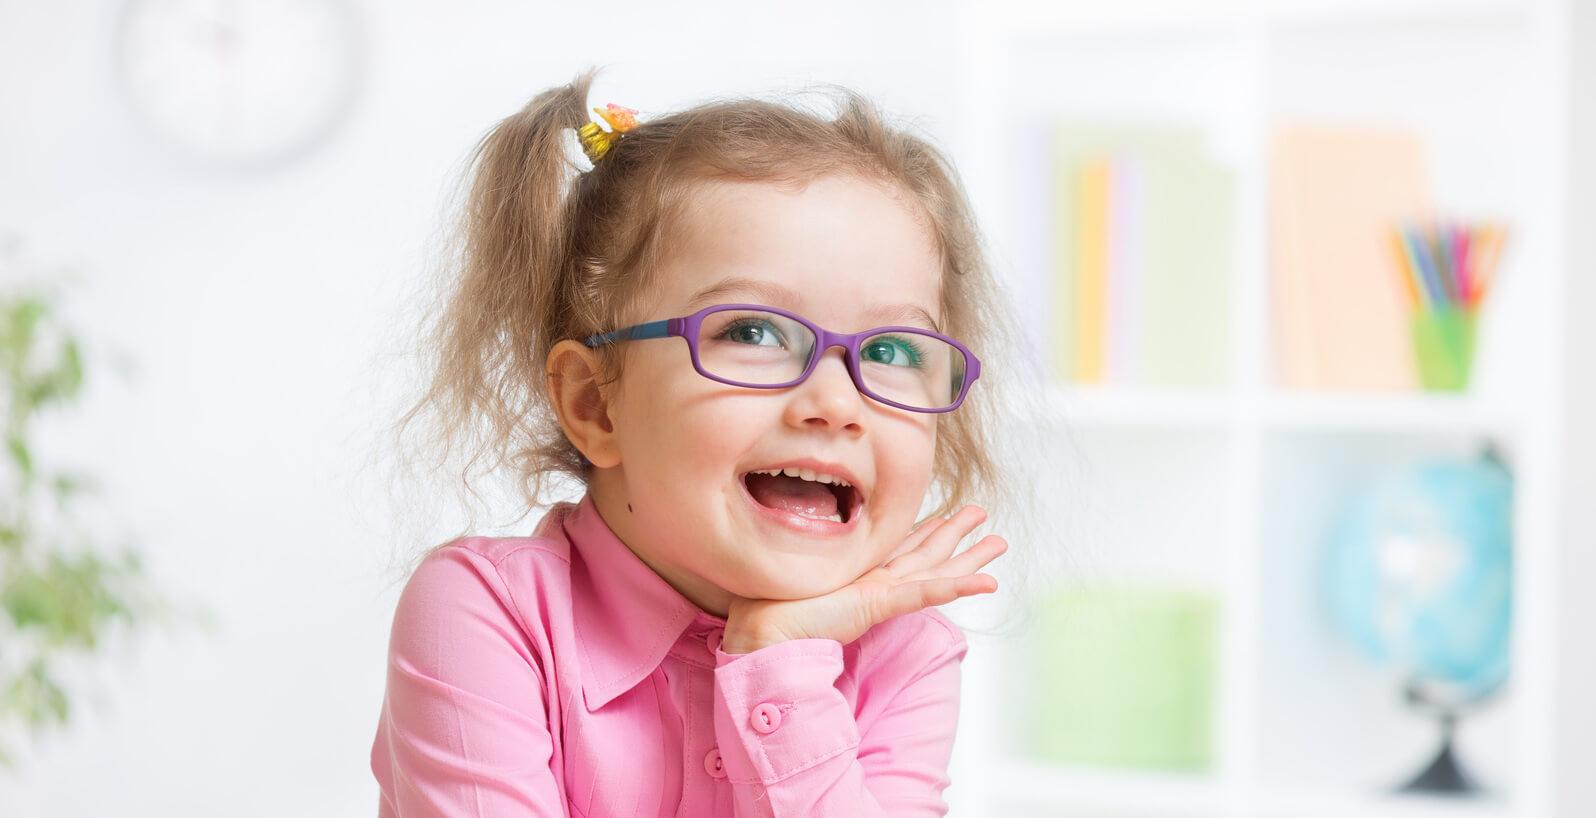 Kinderbrillen - hip, modisch und gut beraten bei Optik Westermeier